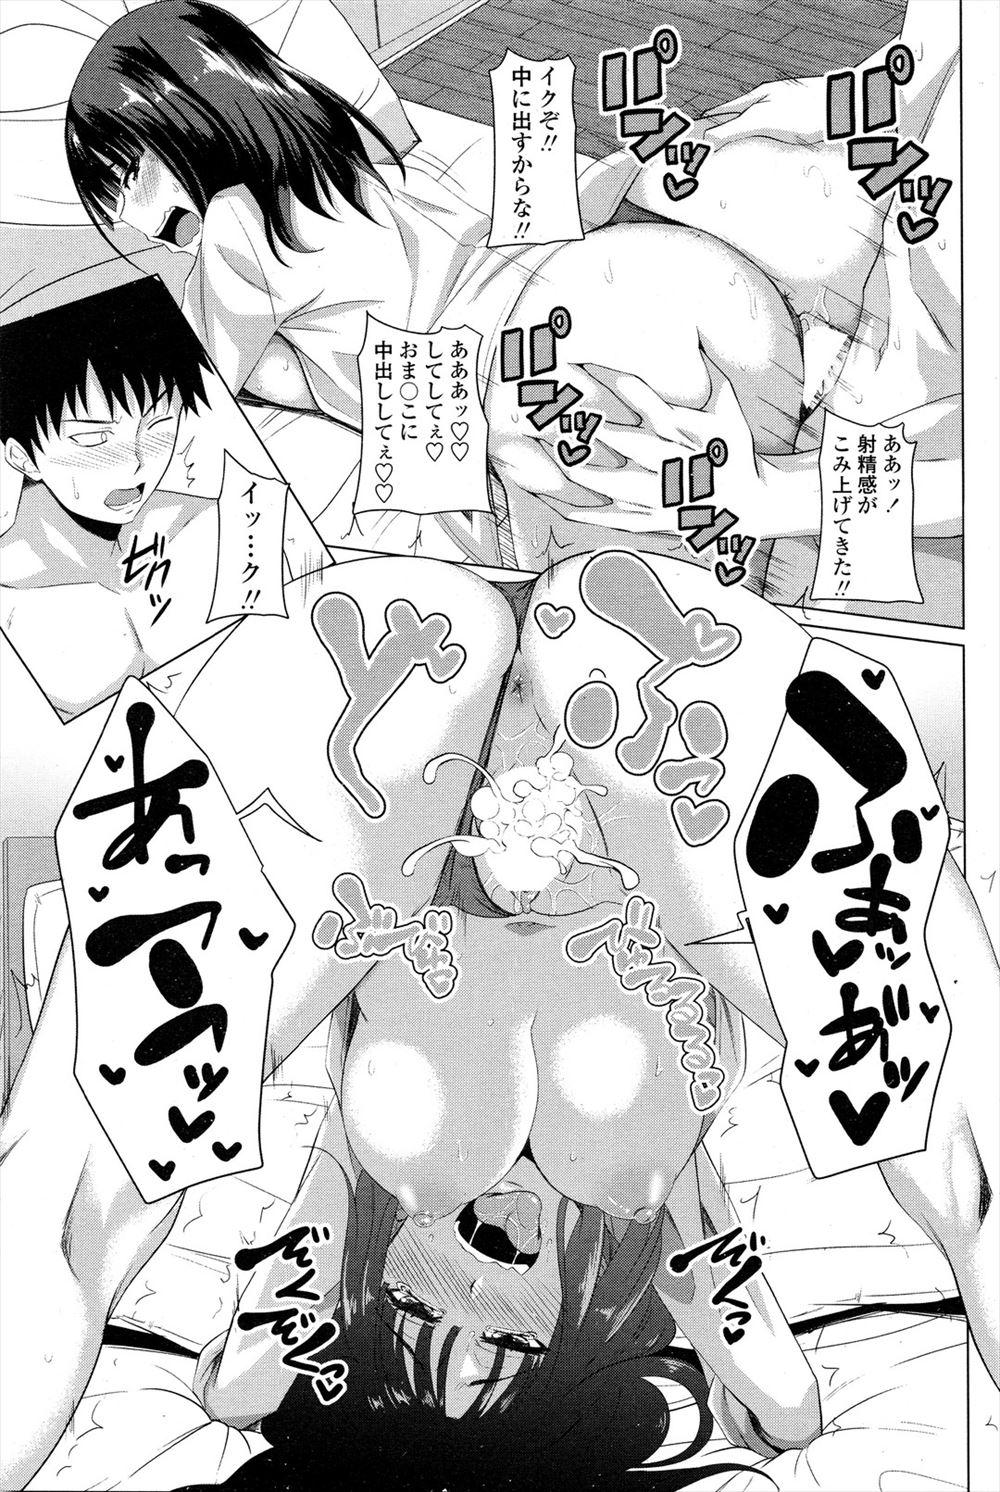 【エロ漫画・エロ同人】巨乳女子校生のイトコが居候して来たけど朝チンコ咥えてくるンゴwww (19)